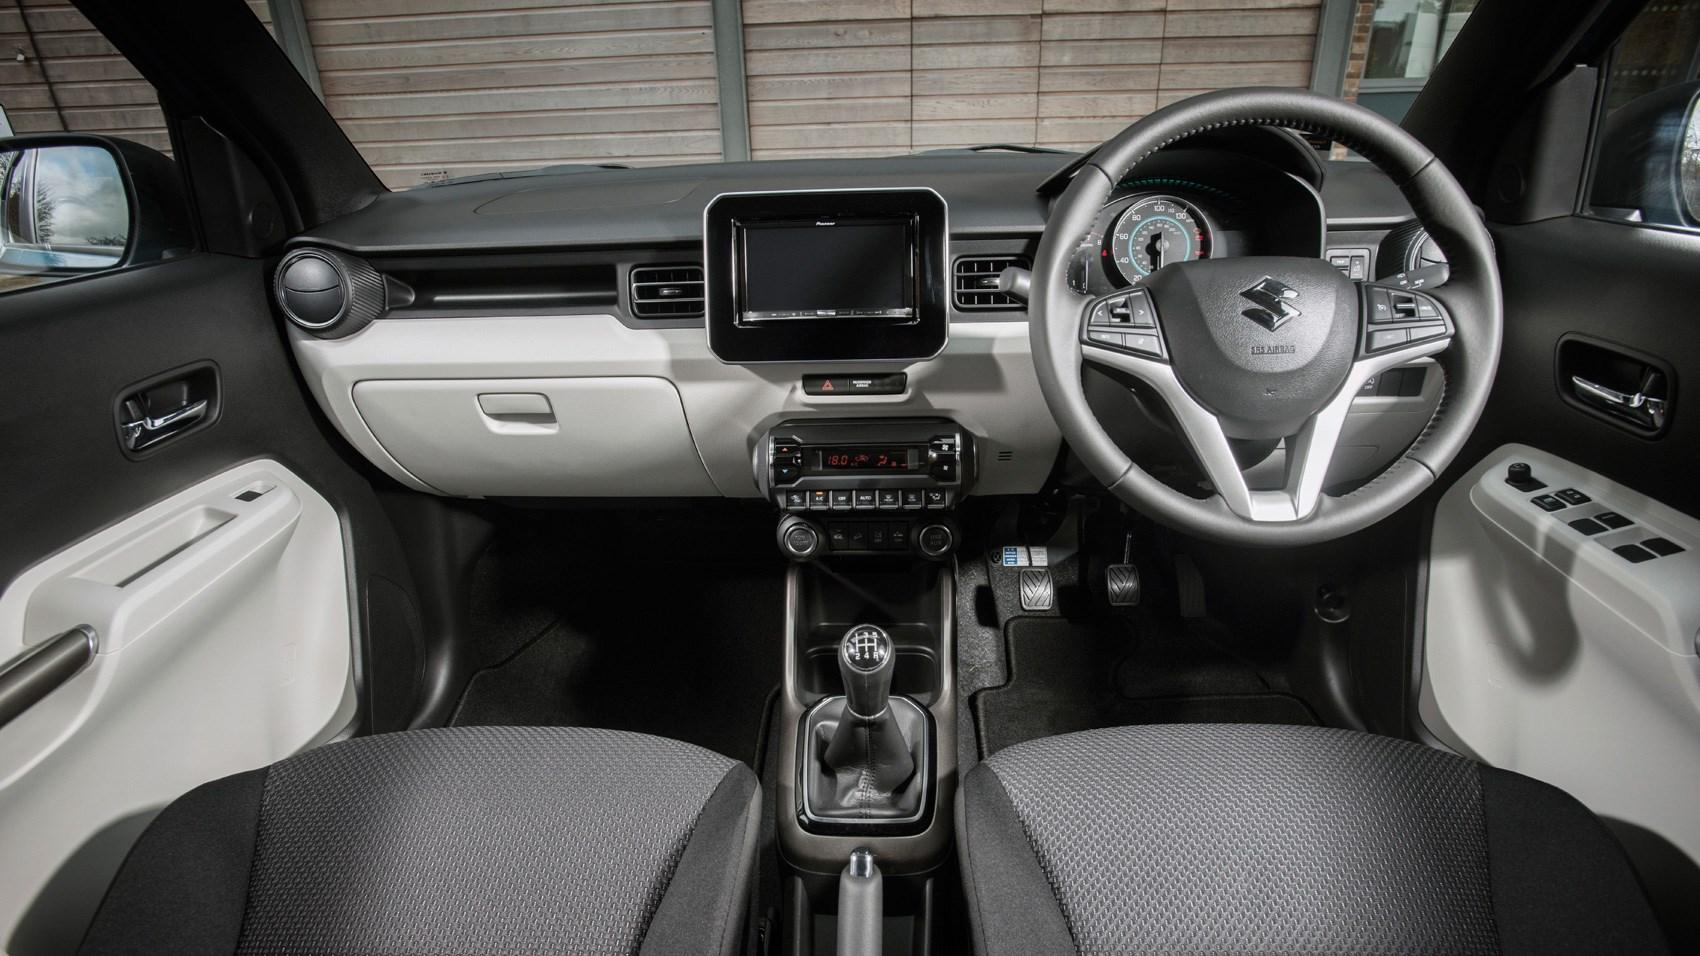 Suzuki Ignis 12 Shvs Sz5 4w 2017 Reviewcar Magazine